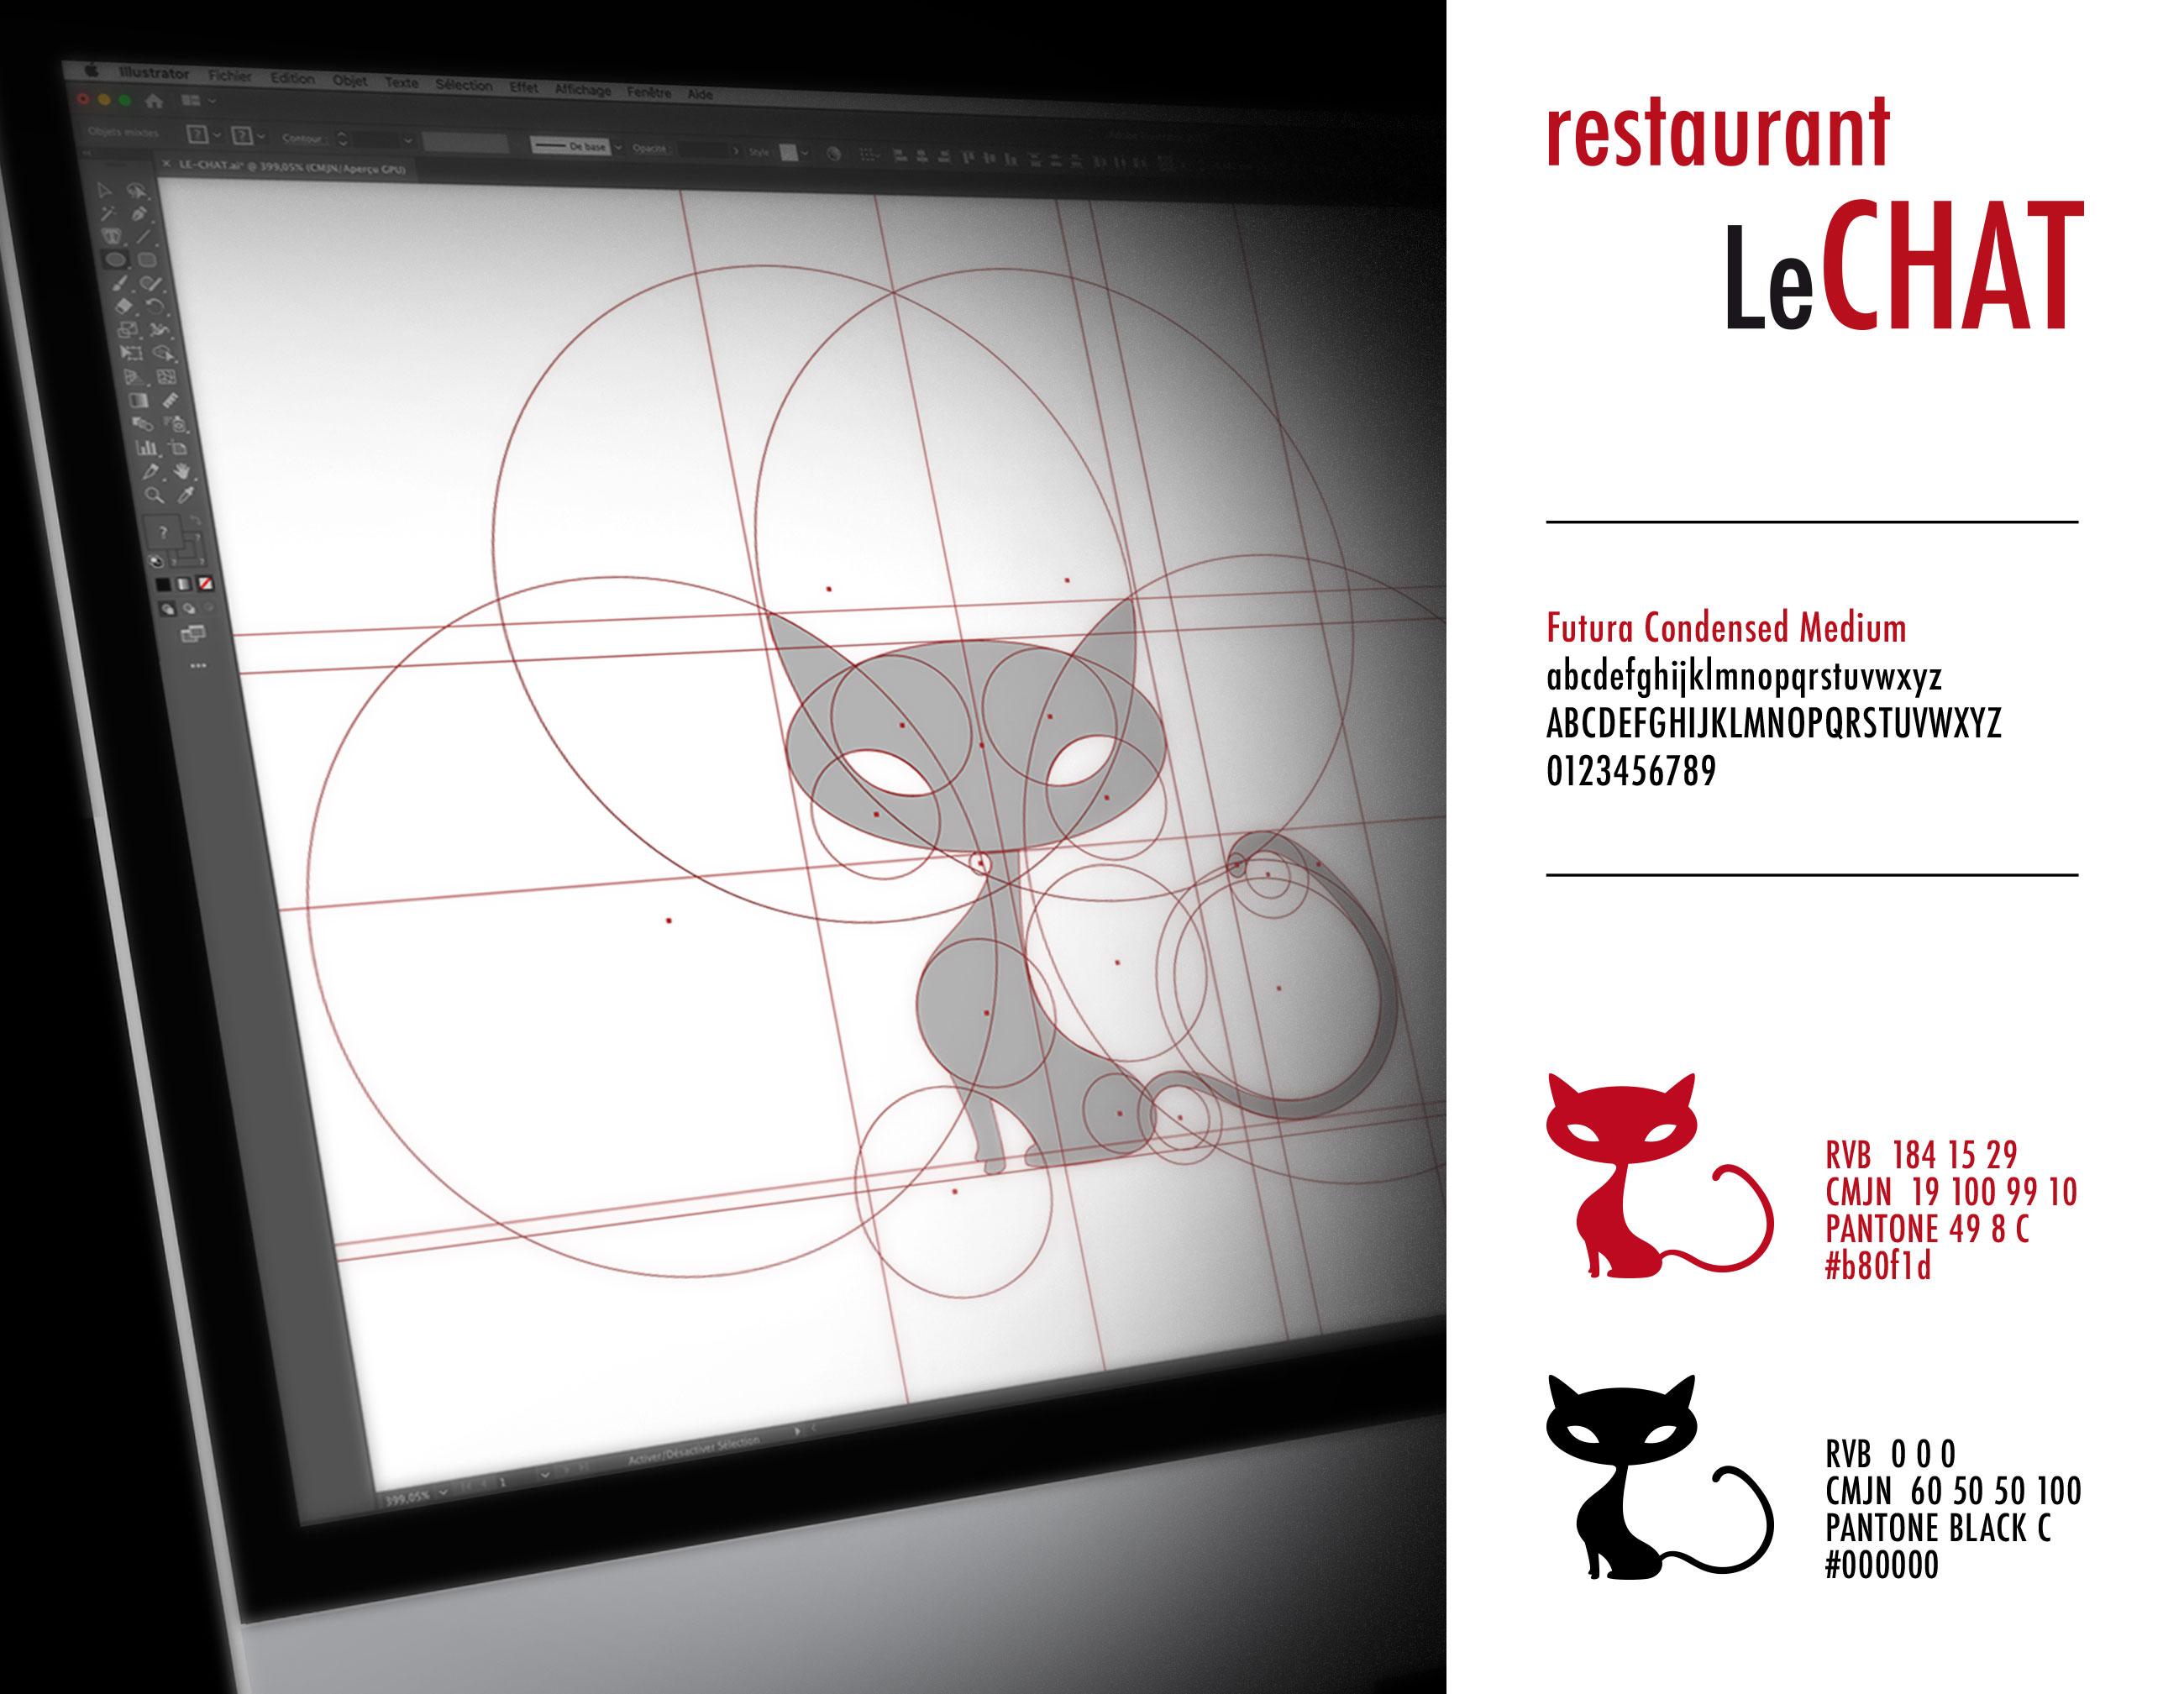 Création charte graphique restaurant Le Chat